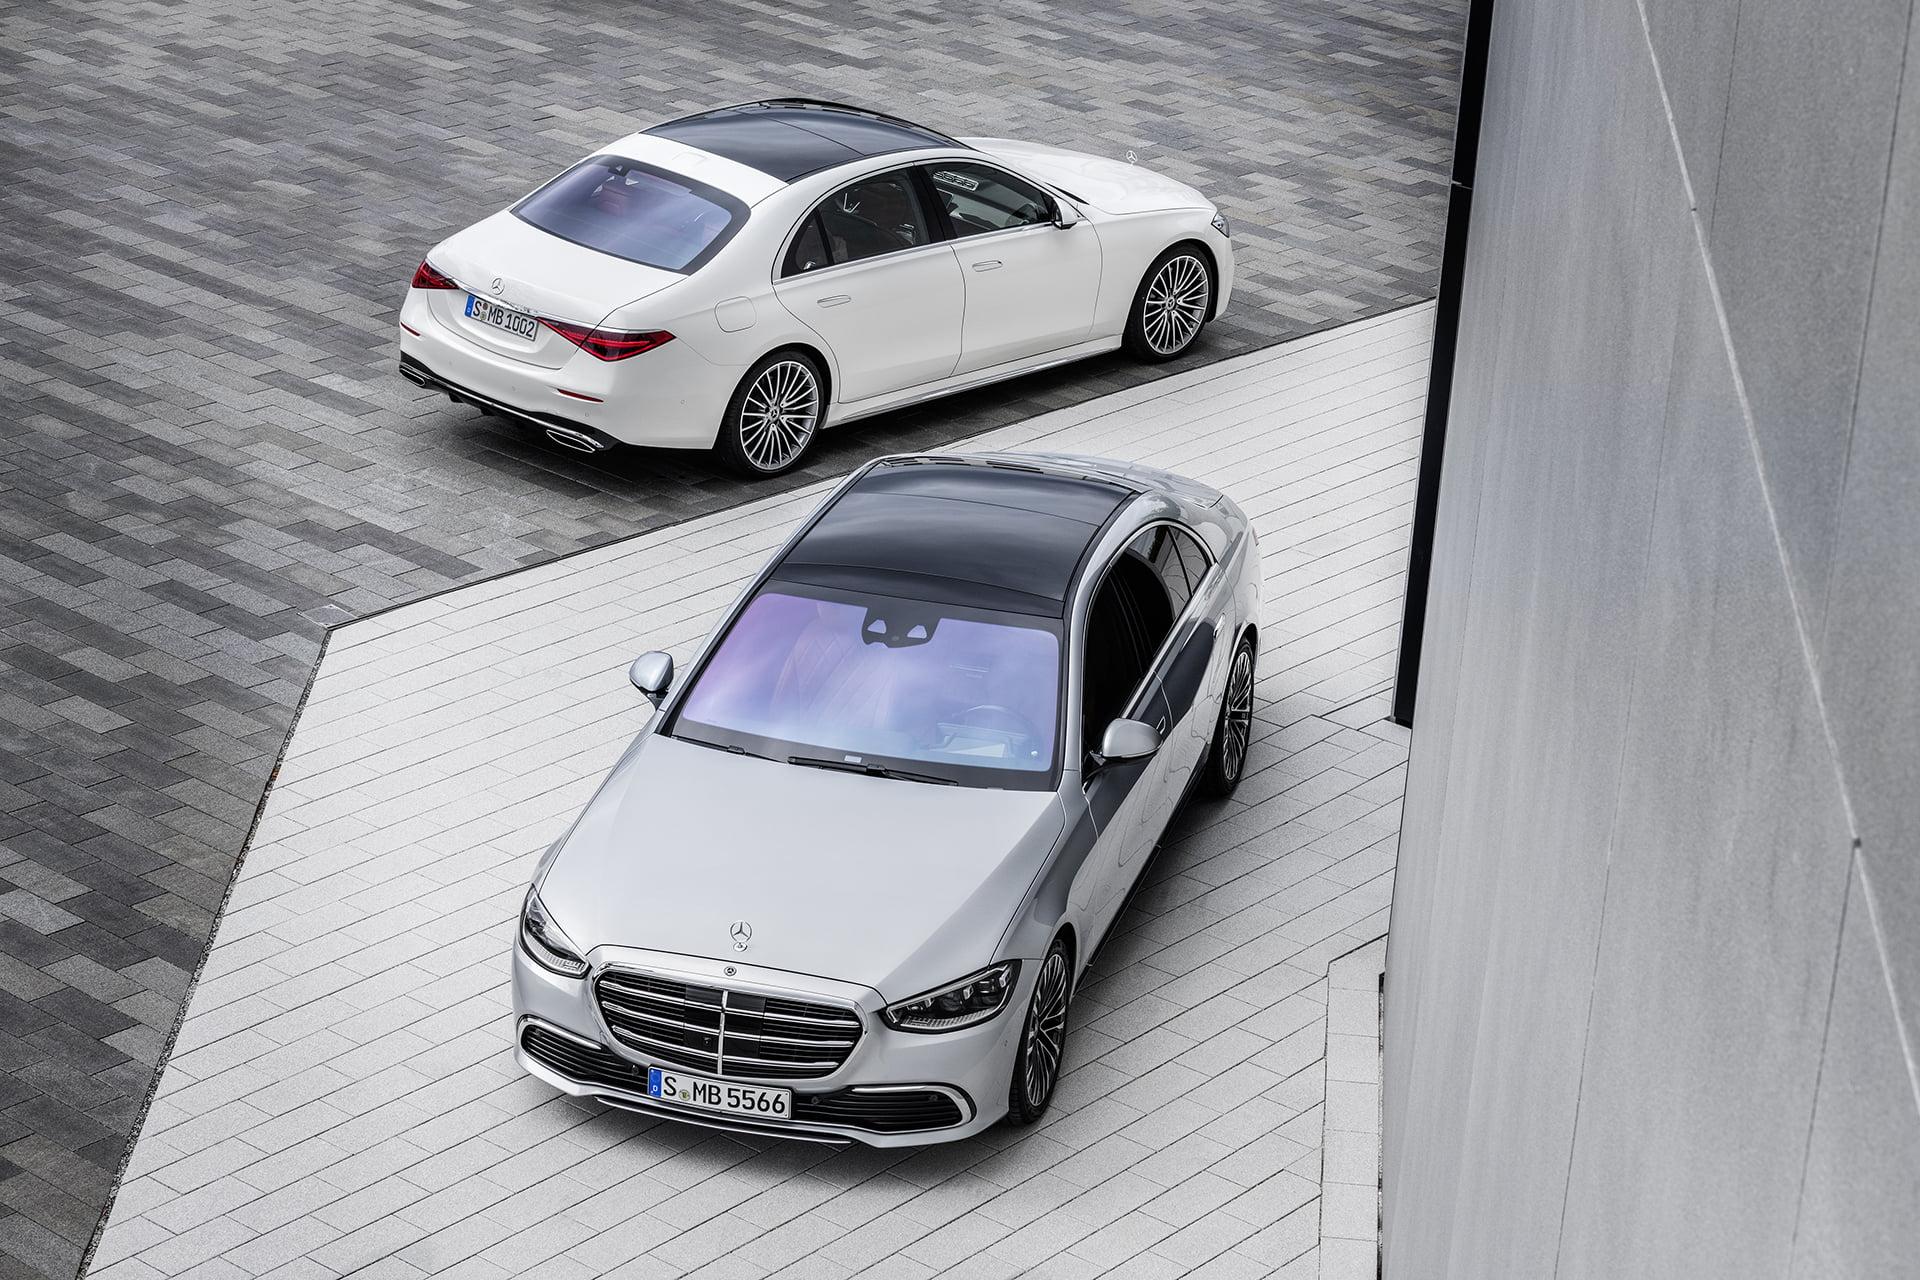 La Clase S de Mercedes llega con lo último de la marca en todos los campos